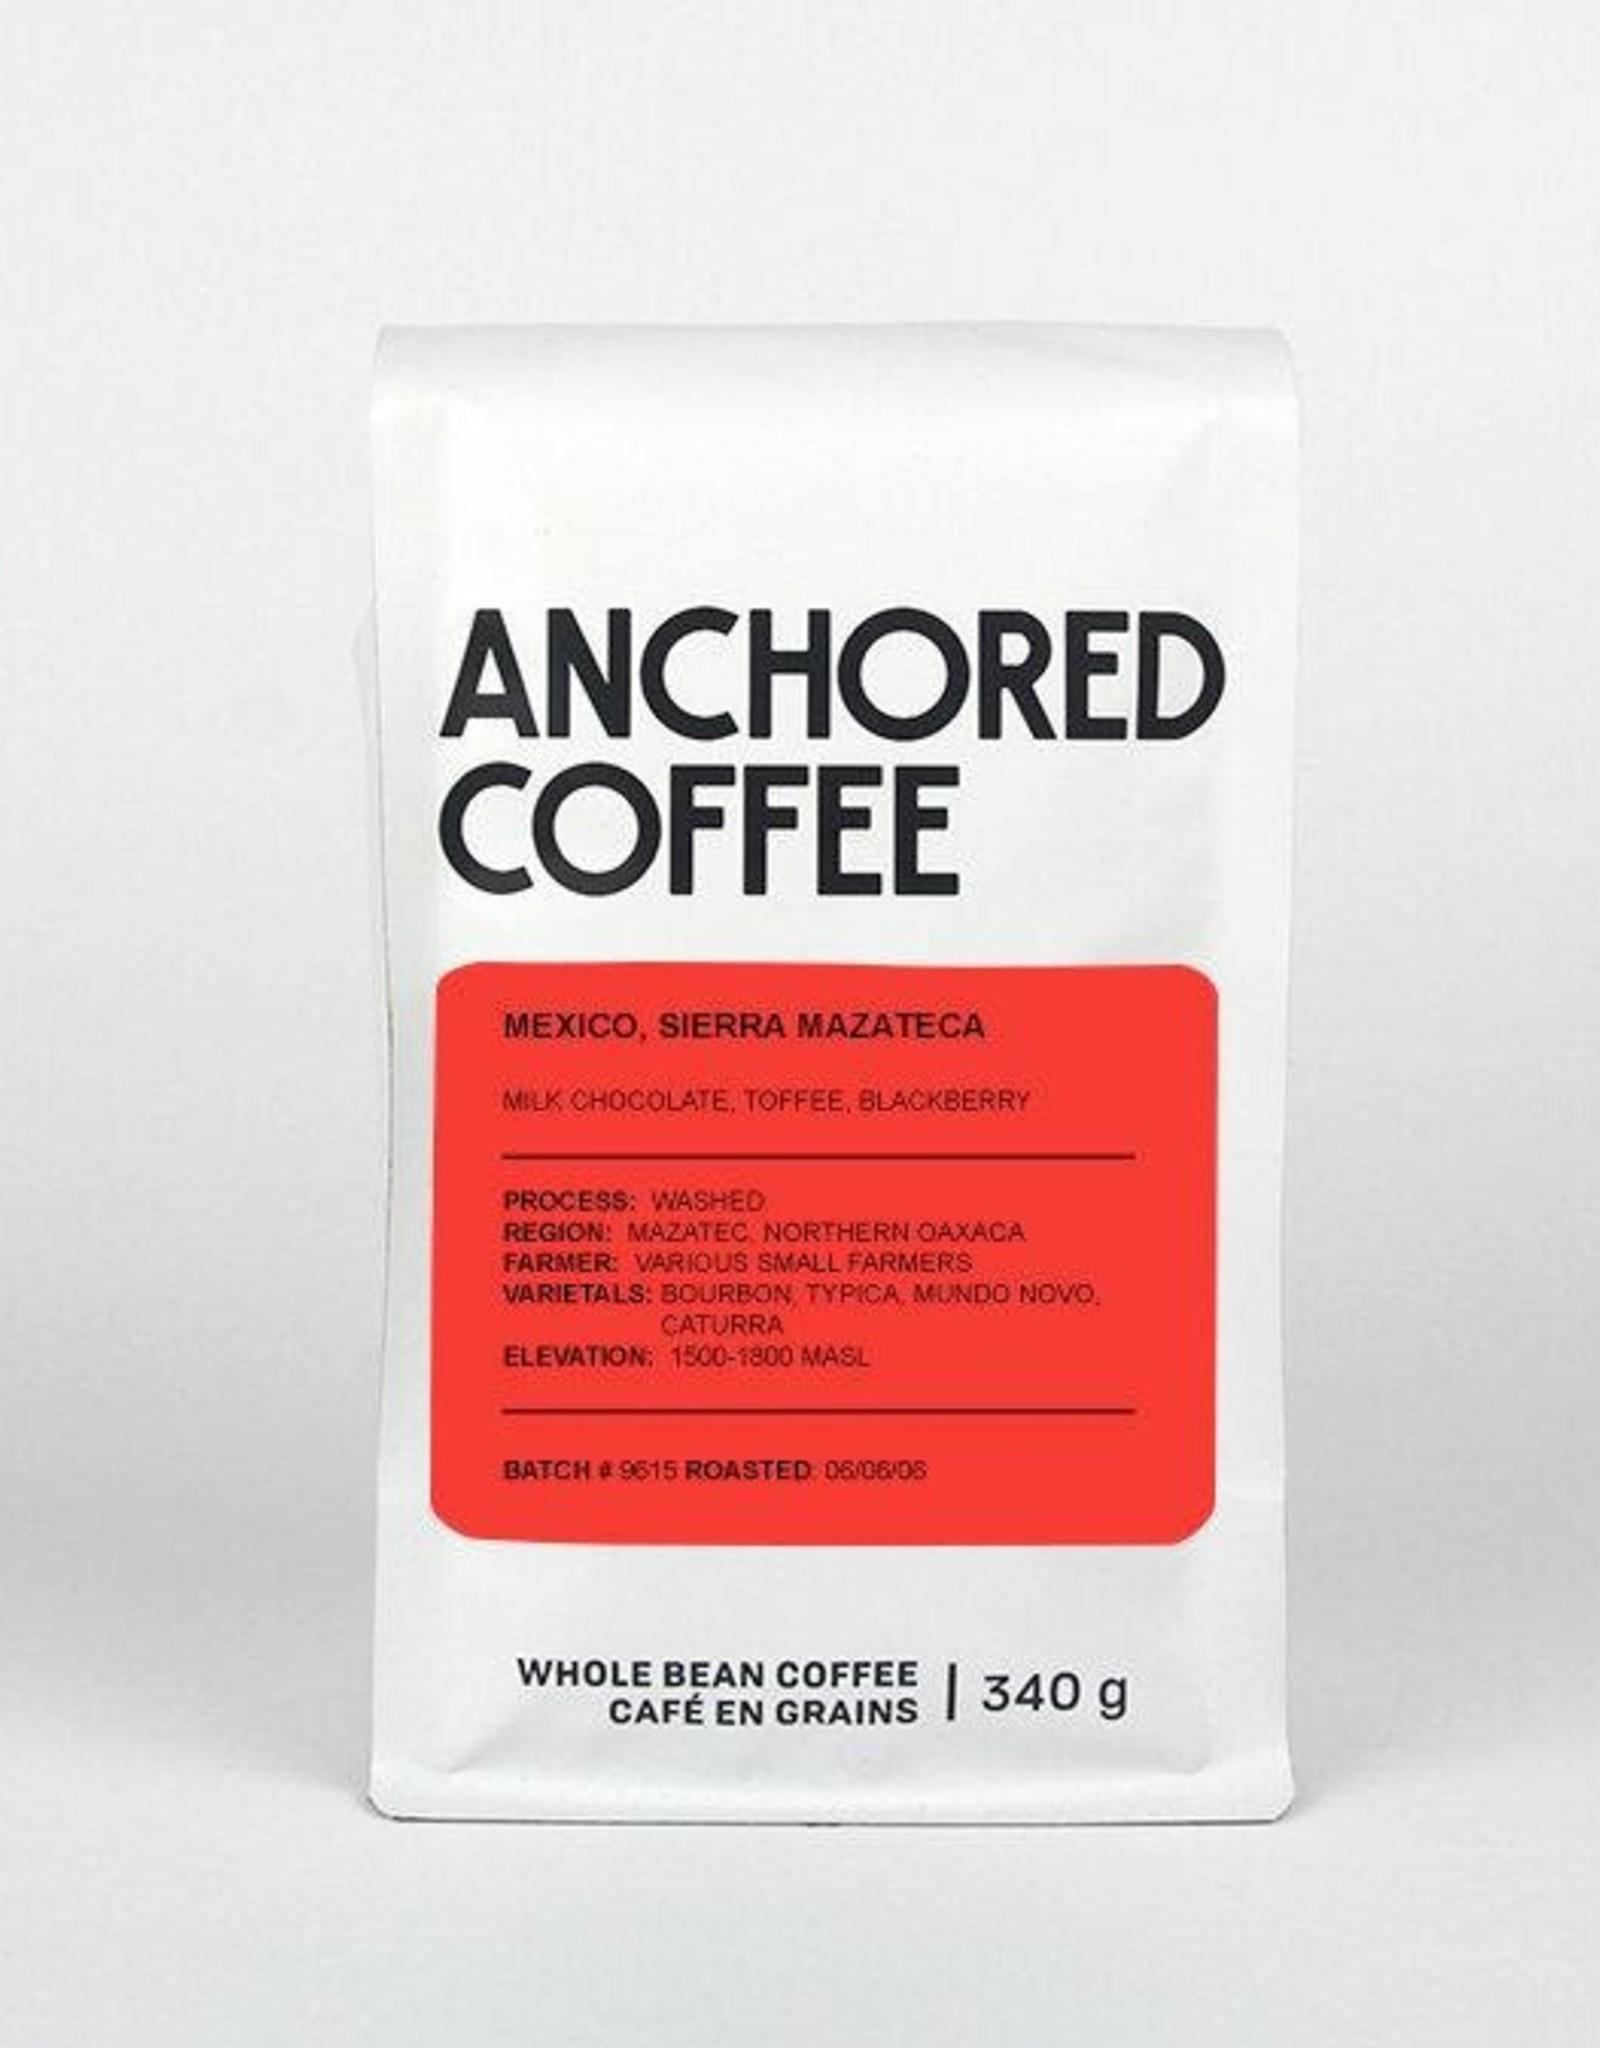 Café Anchored - Mexico, Sierra Mazateca - Espresso - 340g